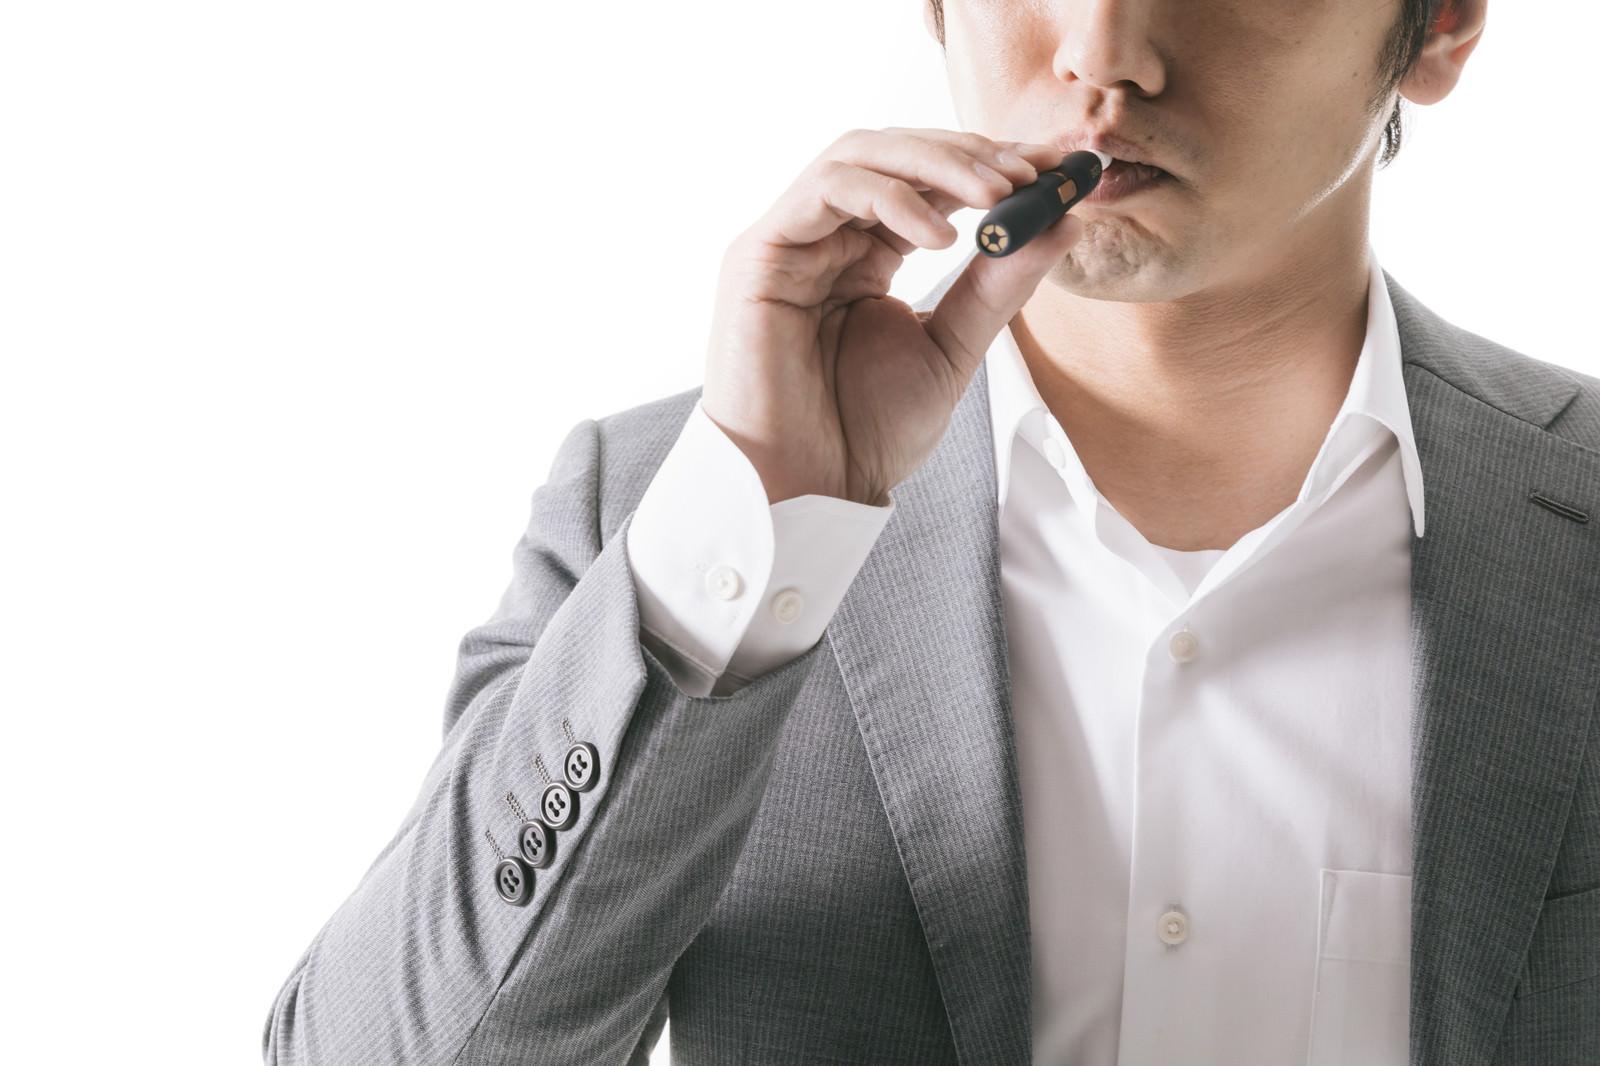 「紙巻きたばこから加熱式たばこに切り替えたビジネスパーソン」[モデル:大川竜弥]